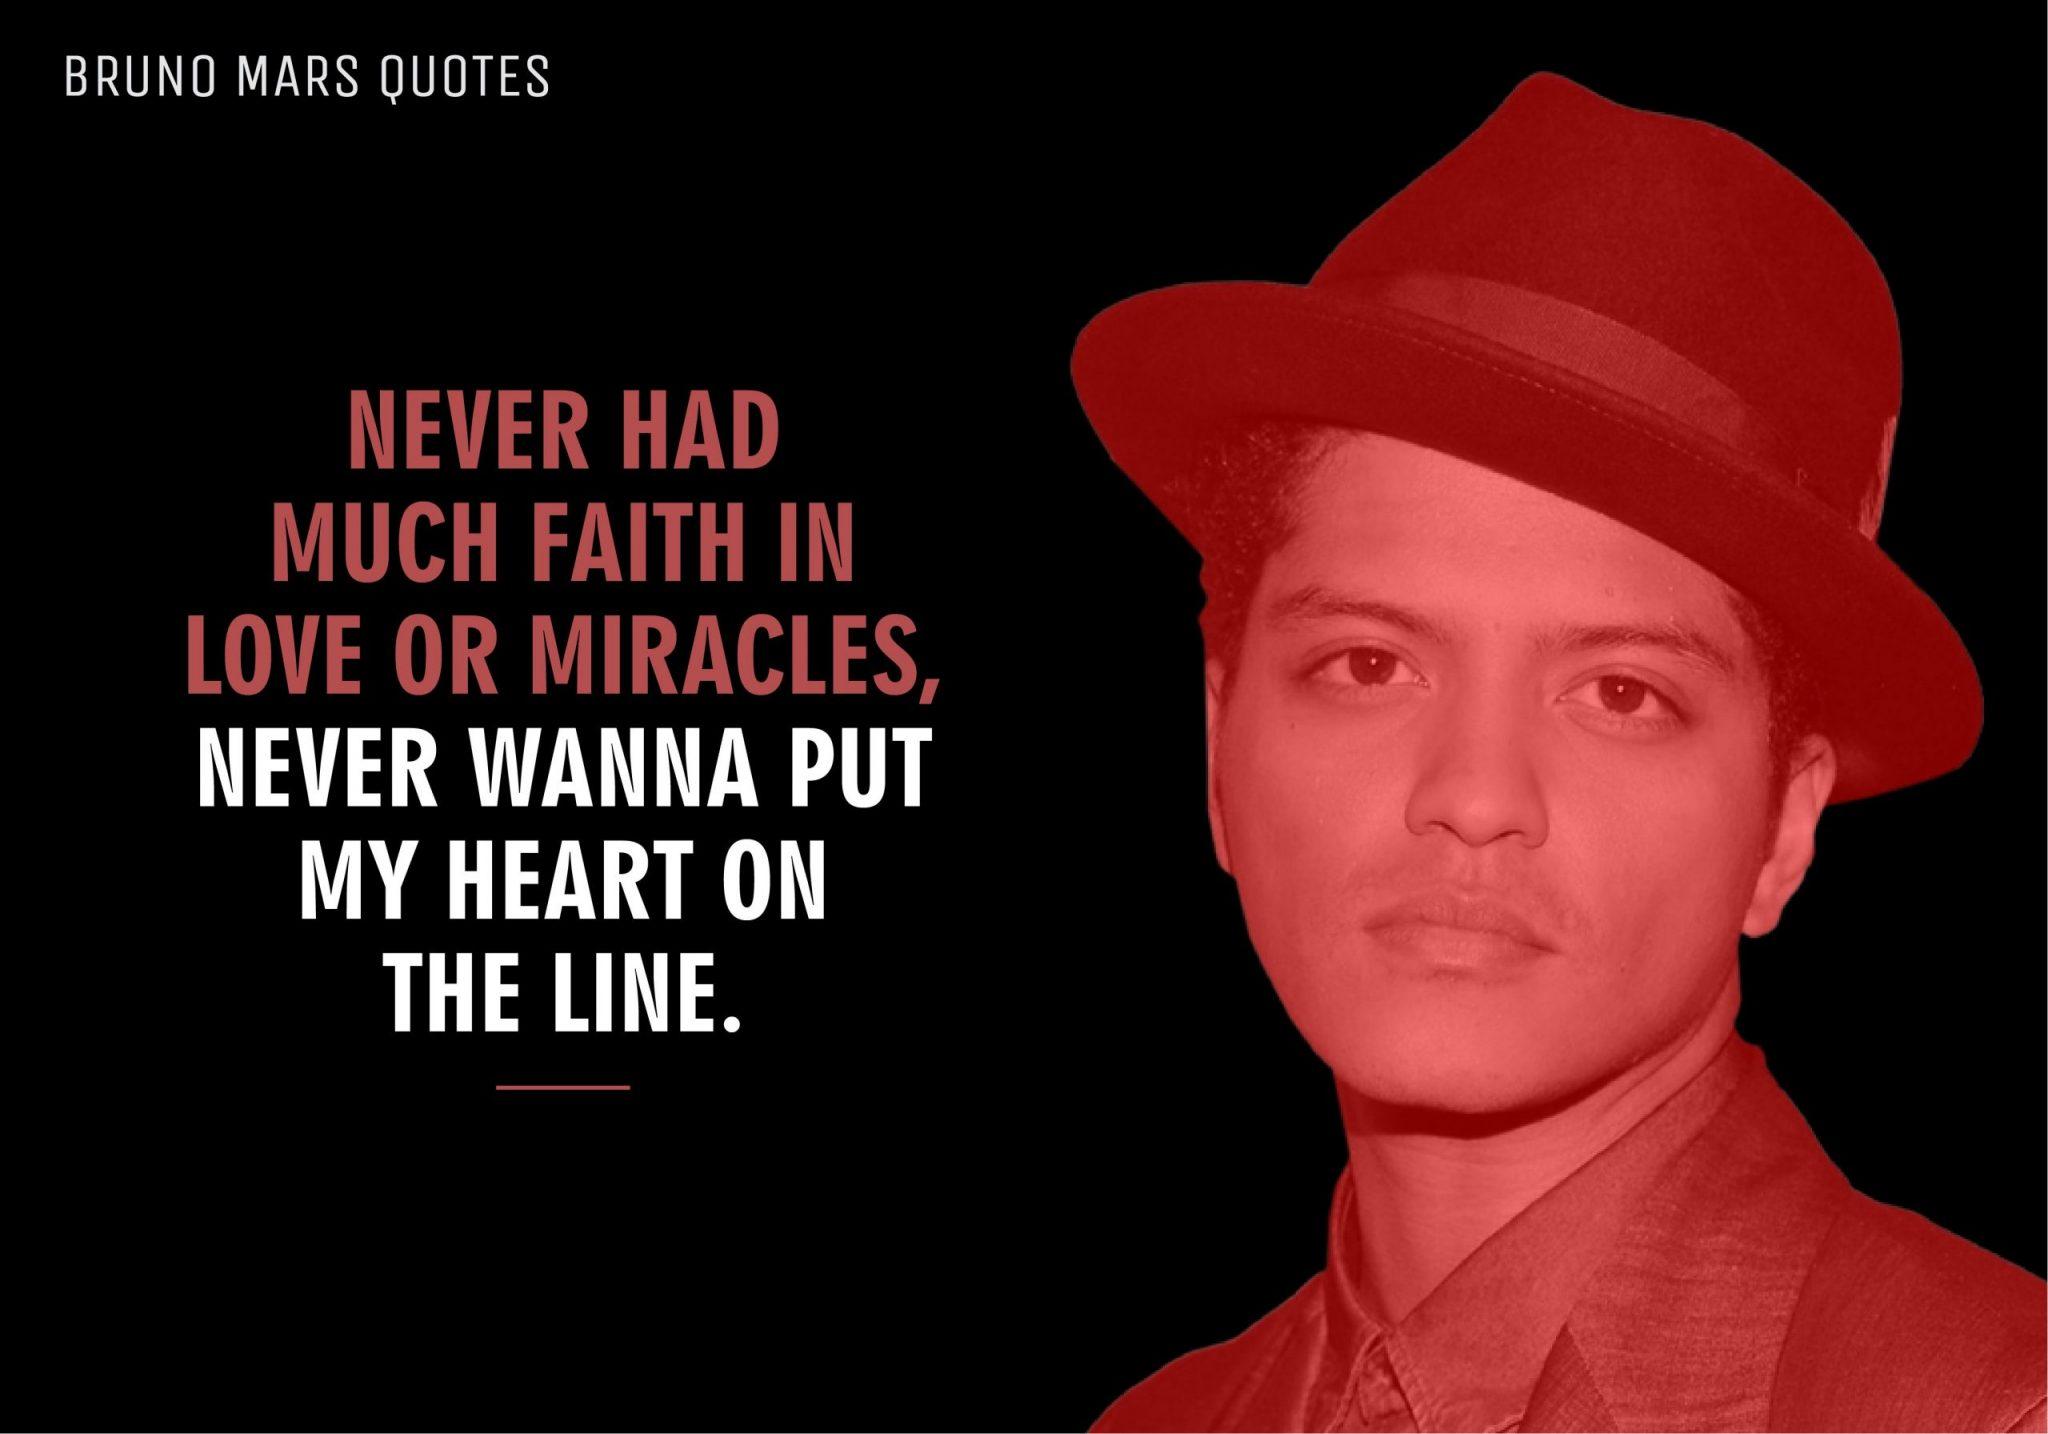 Bruno Mars Quotes (10)